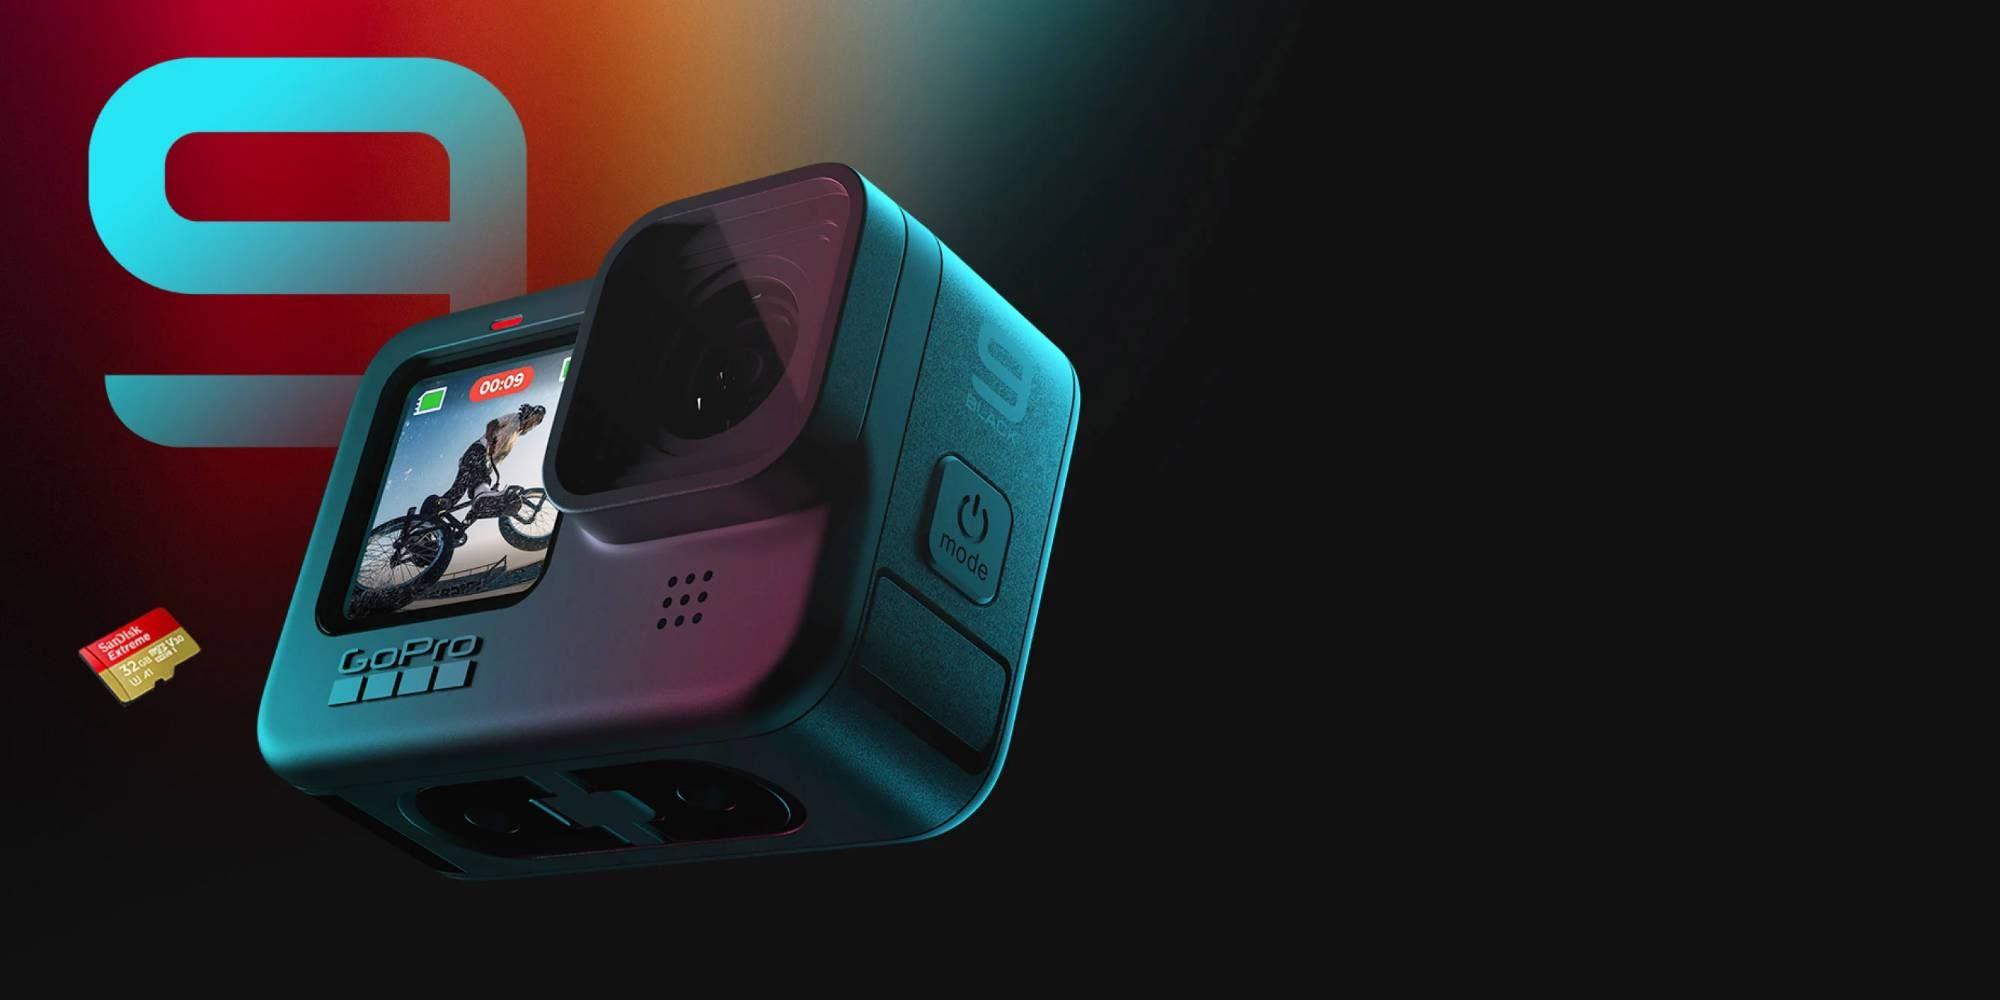 GoPro Hero 9 Black 5K Video 20MP Action Camera price in ...  |Gopro Hero 9